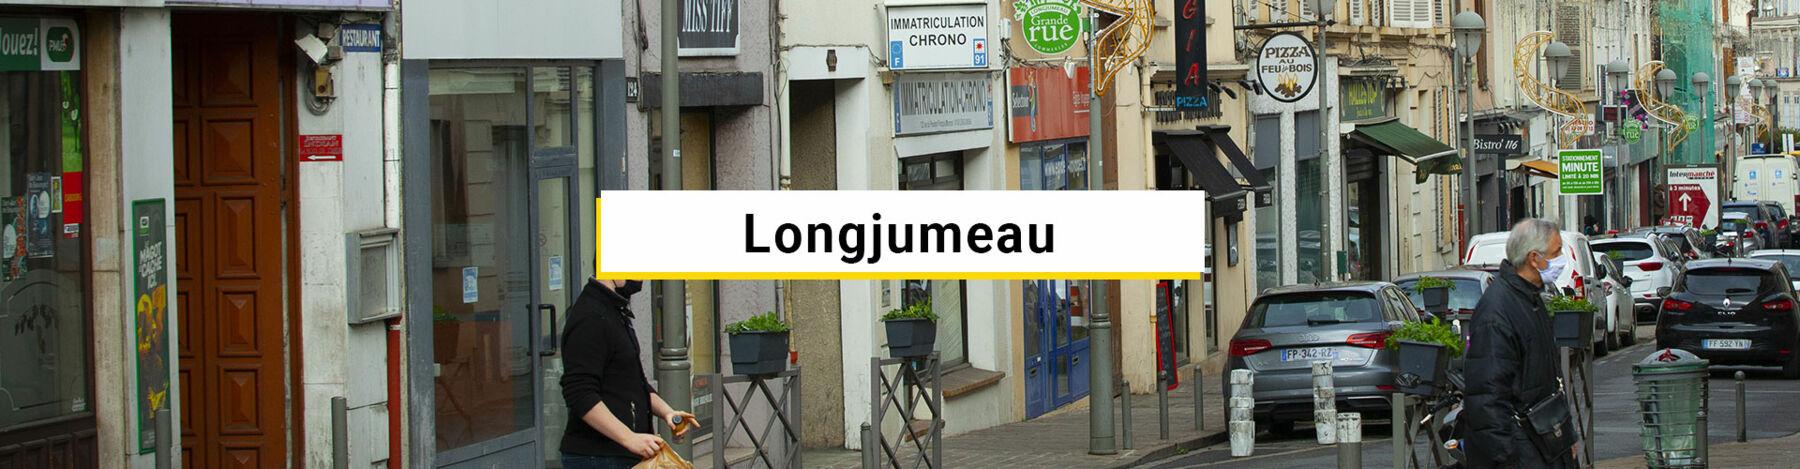 Longjumeau boutiques